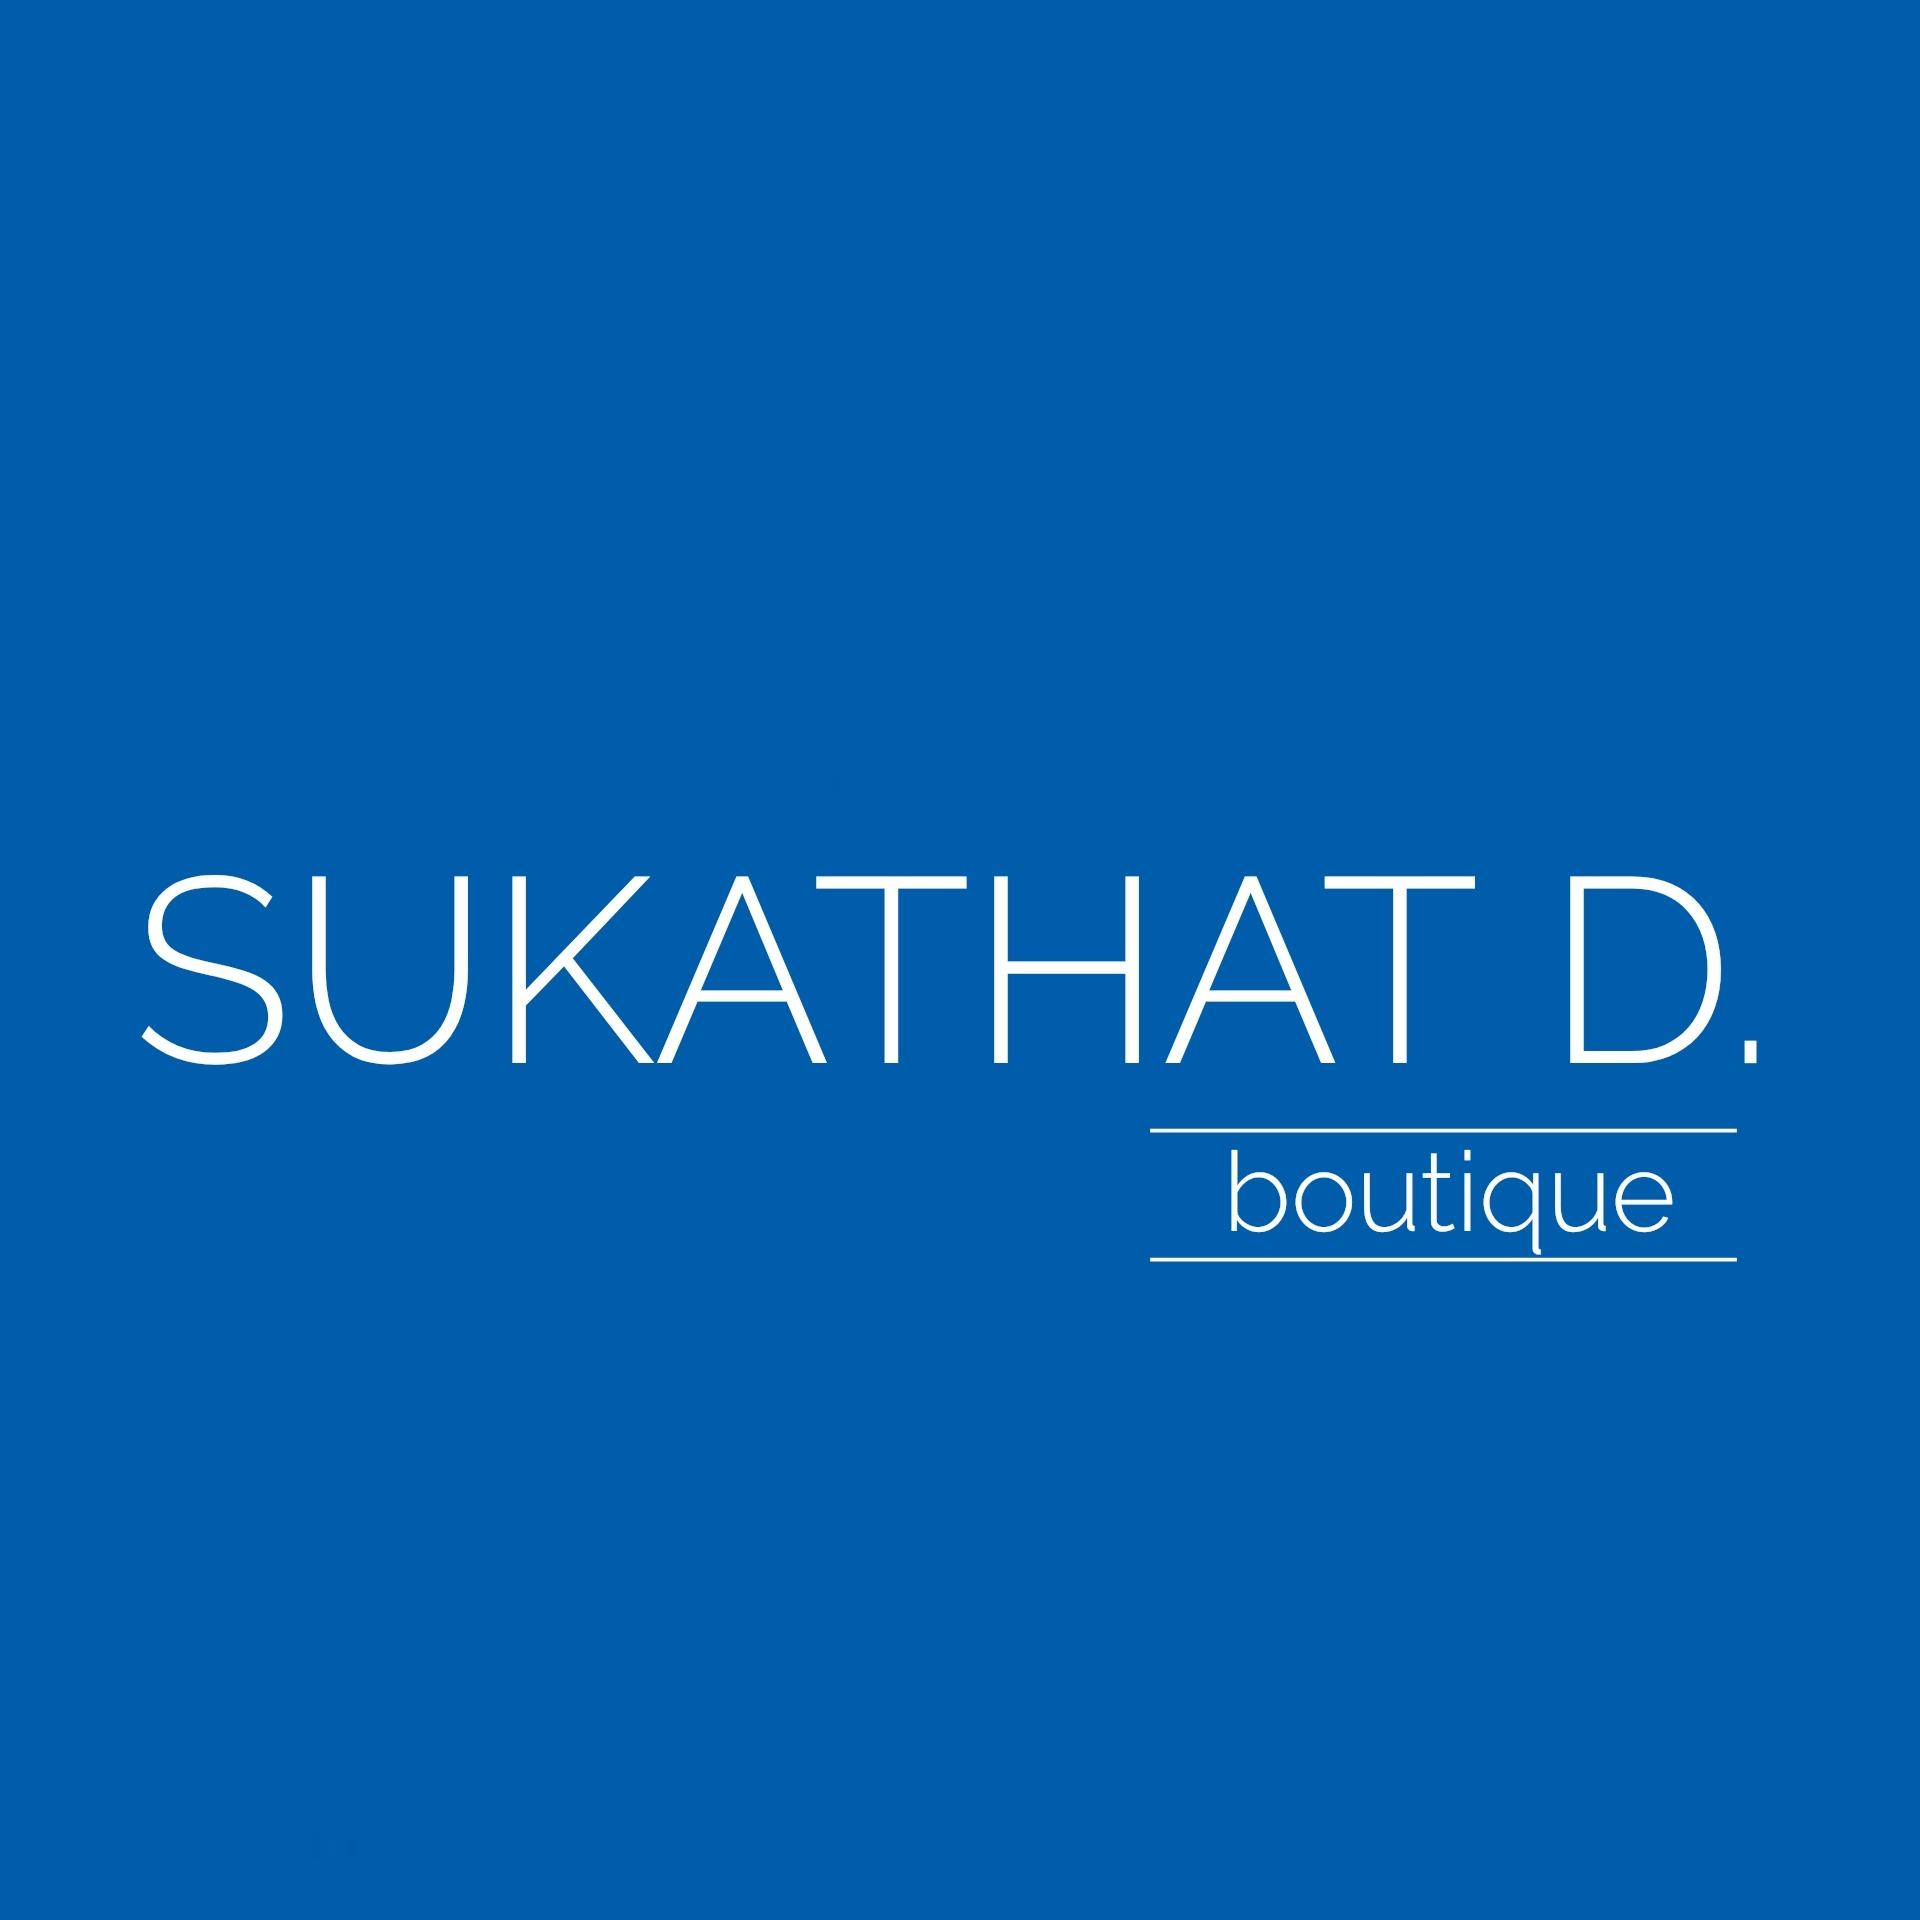 Sukathatd_boutique